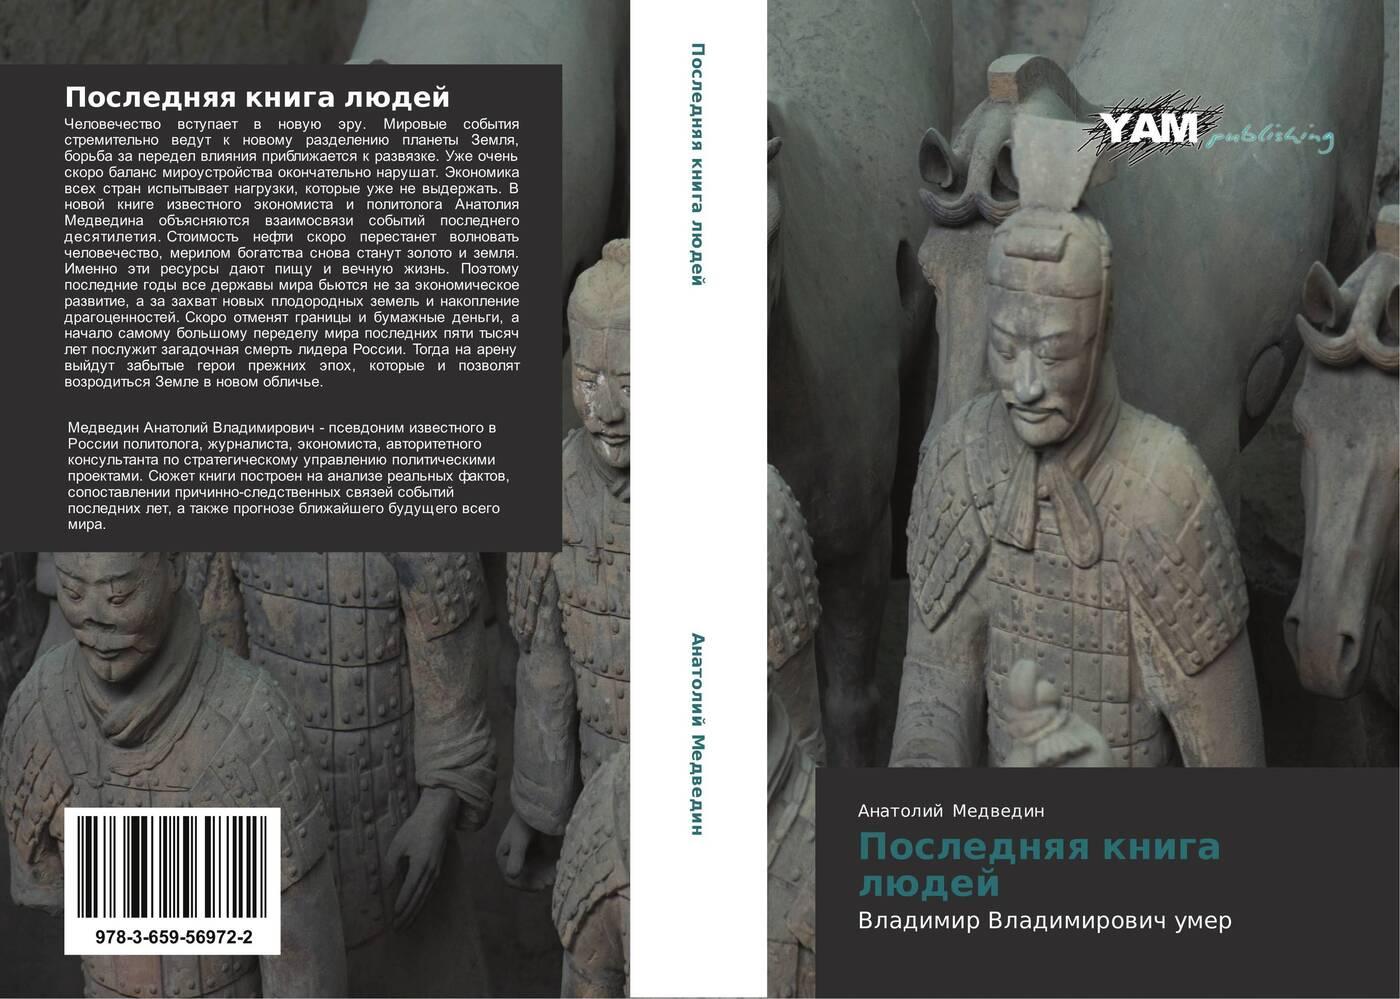 Анатолий Медведин Последняя книга людей